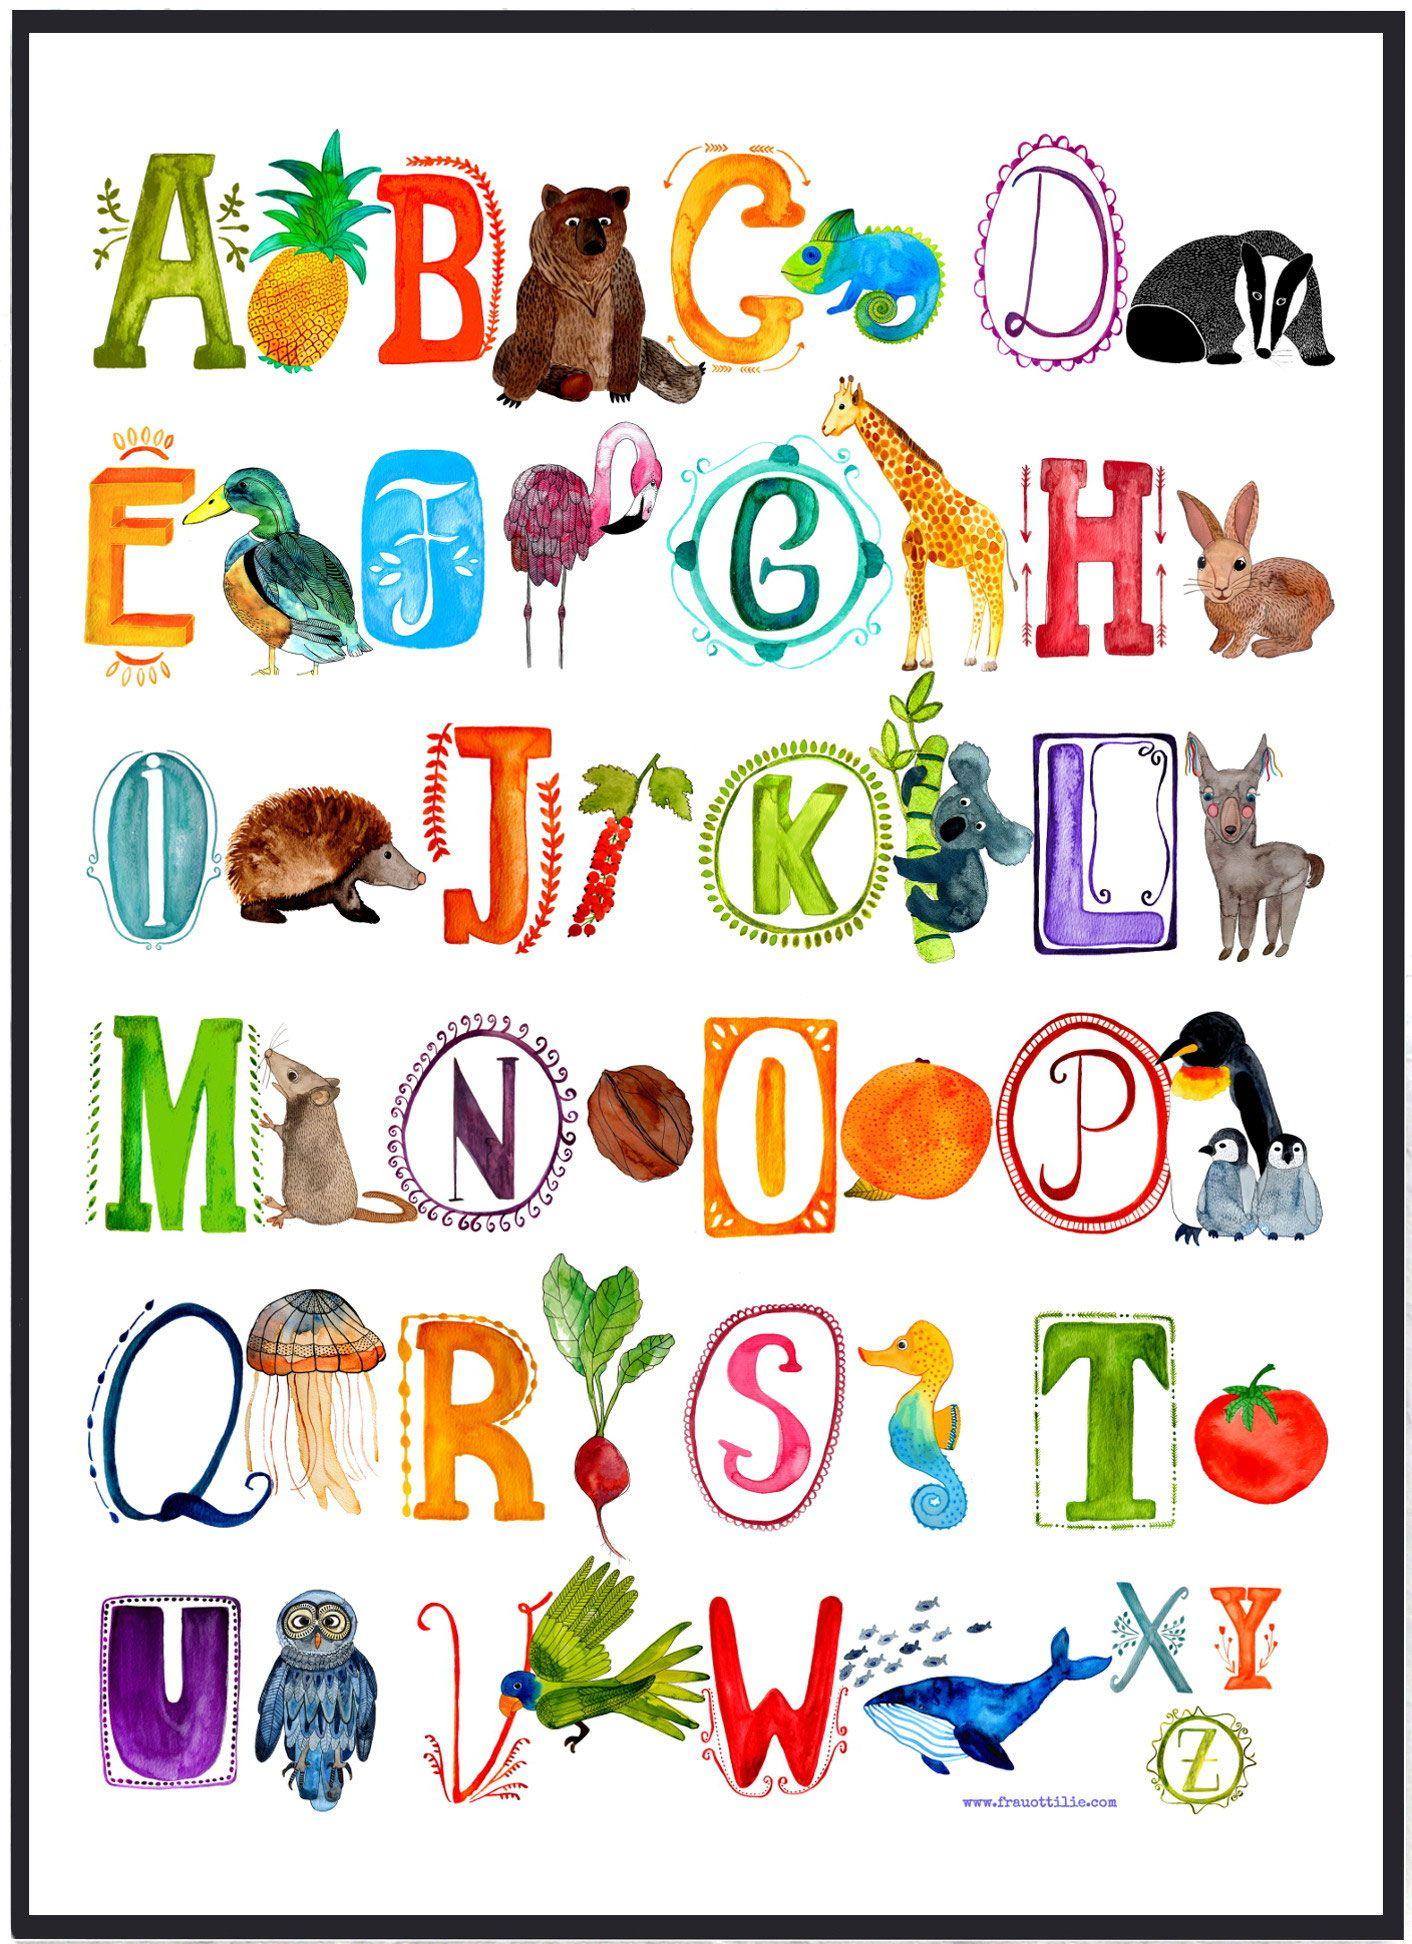 Poster fürs Kinderzimmer - eine Messlatte, ein ABC Poster, ein ...